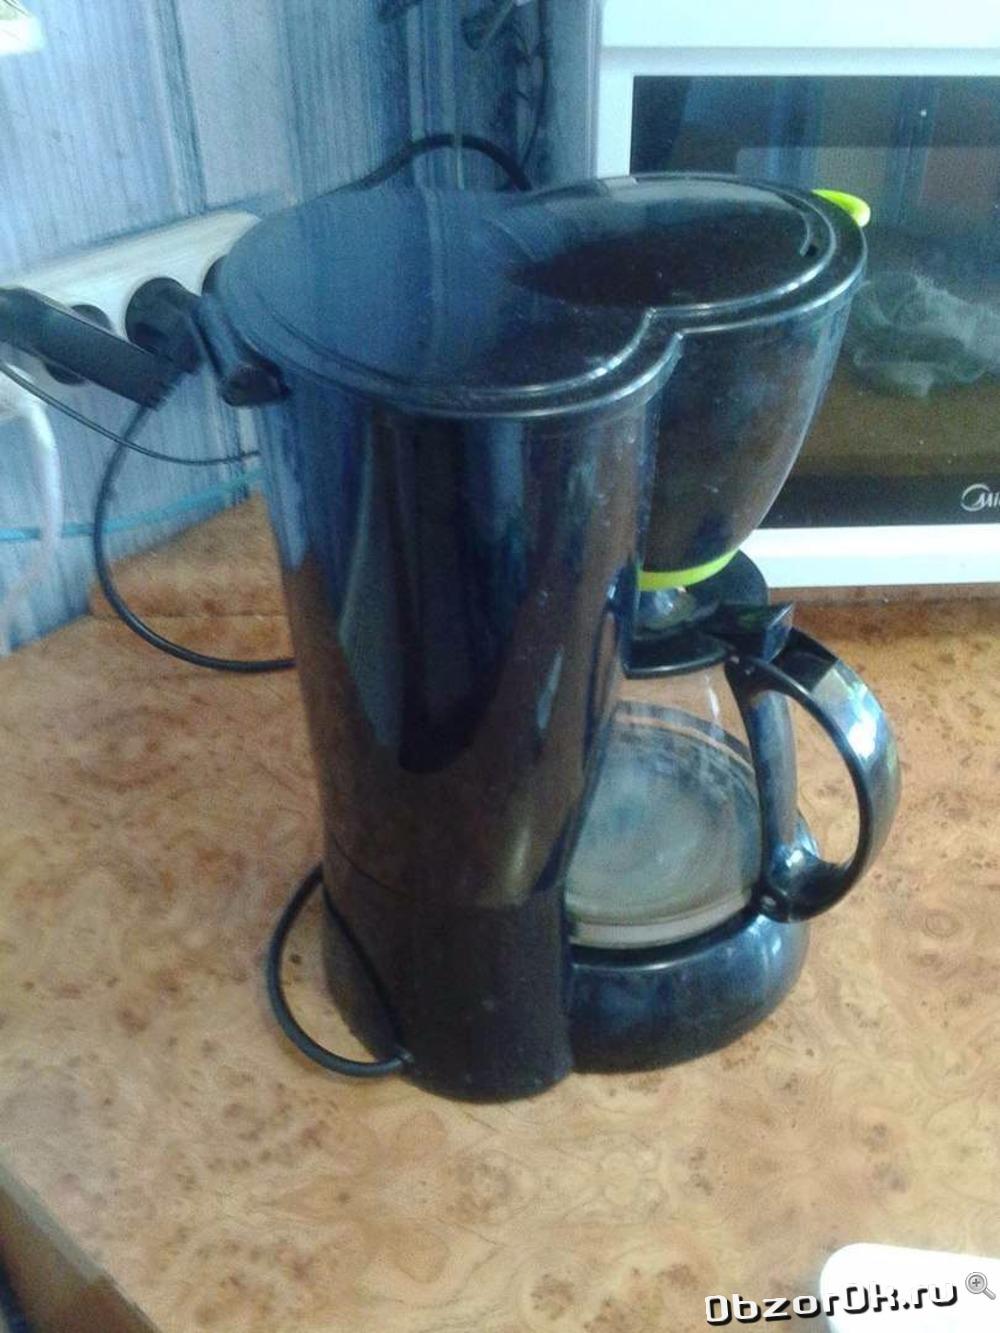 Кофеварка своими руками 80